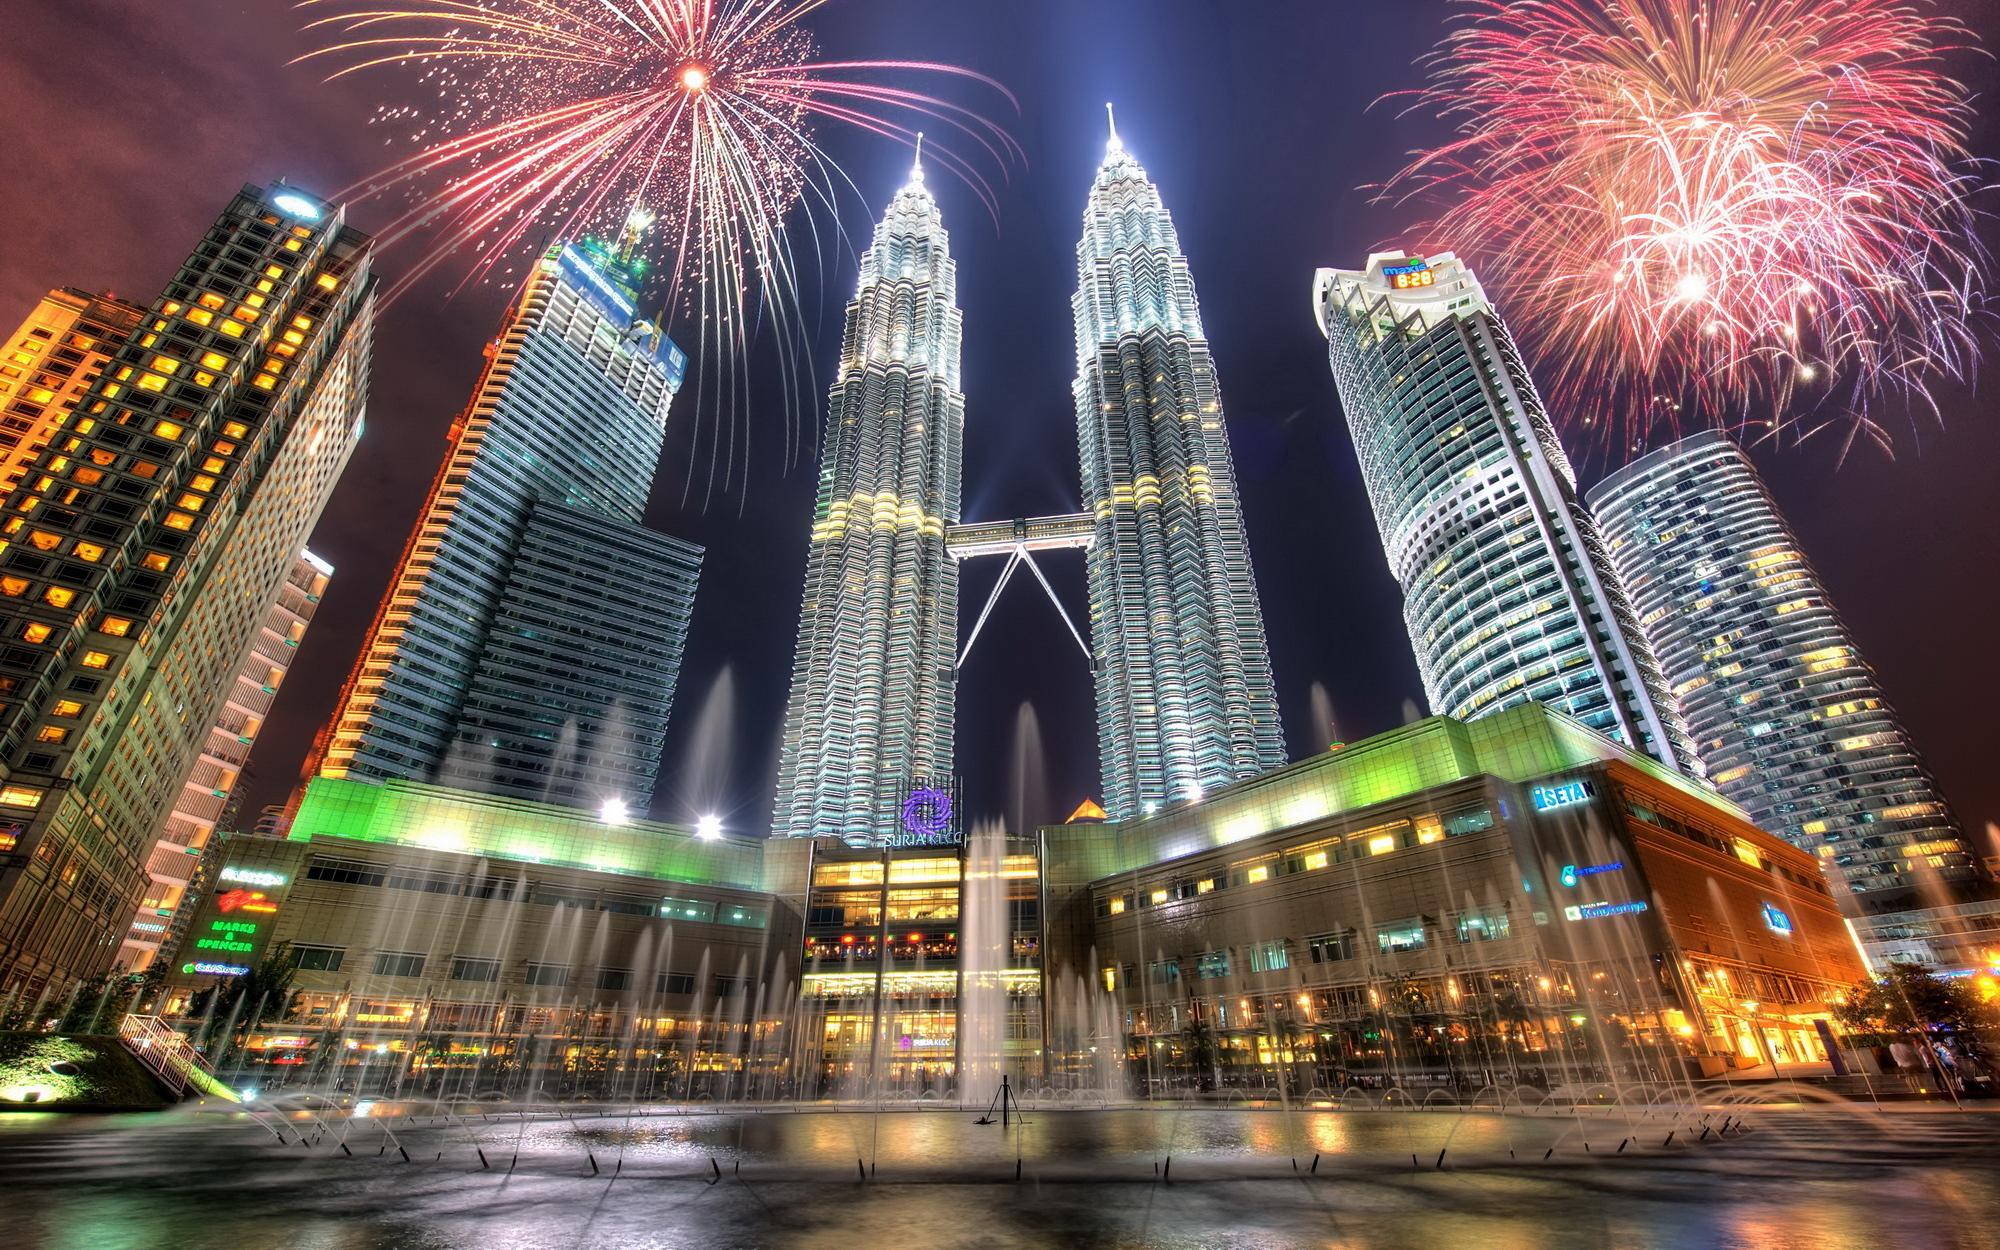 fonds d 39 ecran malaisie feu d 39 artifice gratte ciel fontaine nuit hdr kuala lumpur villes. Black Bedroom Furniture Sets. Home Design Ideas